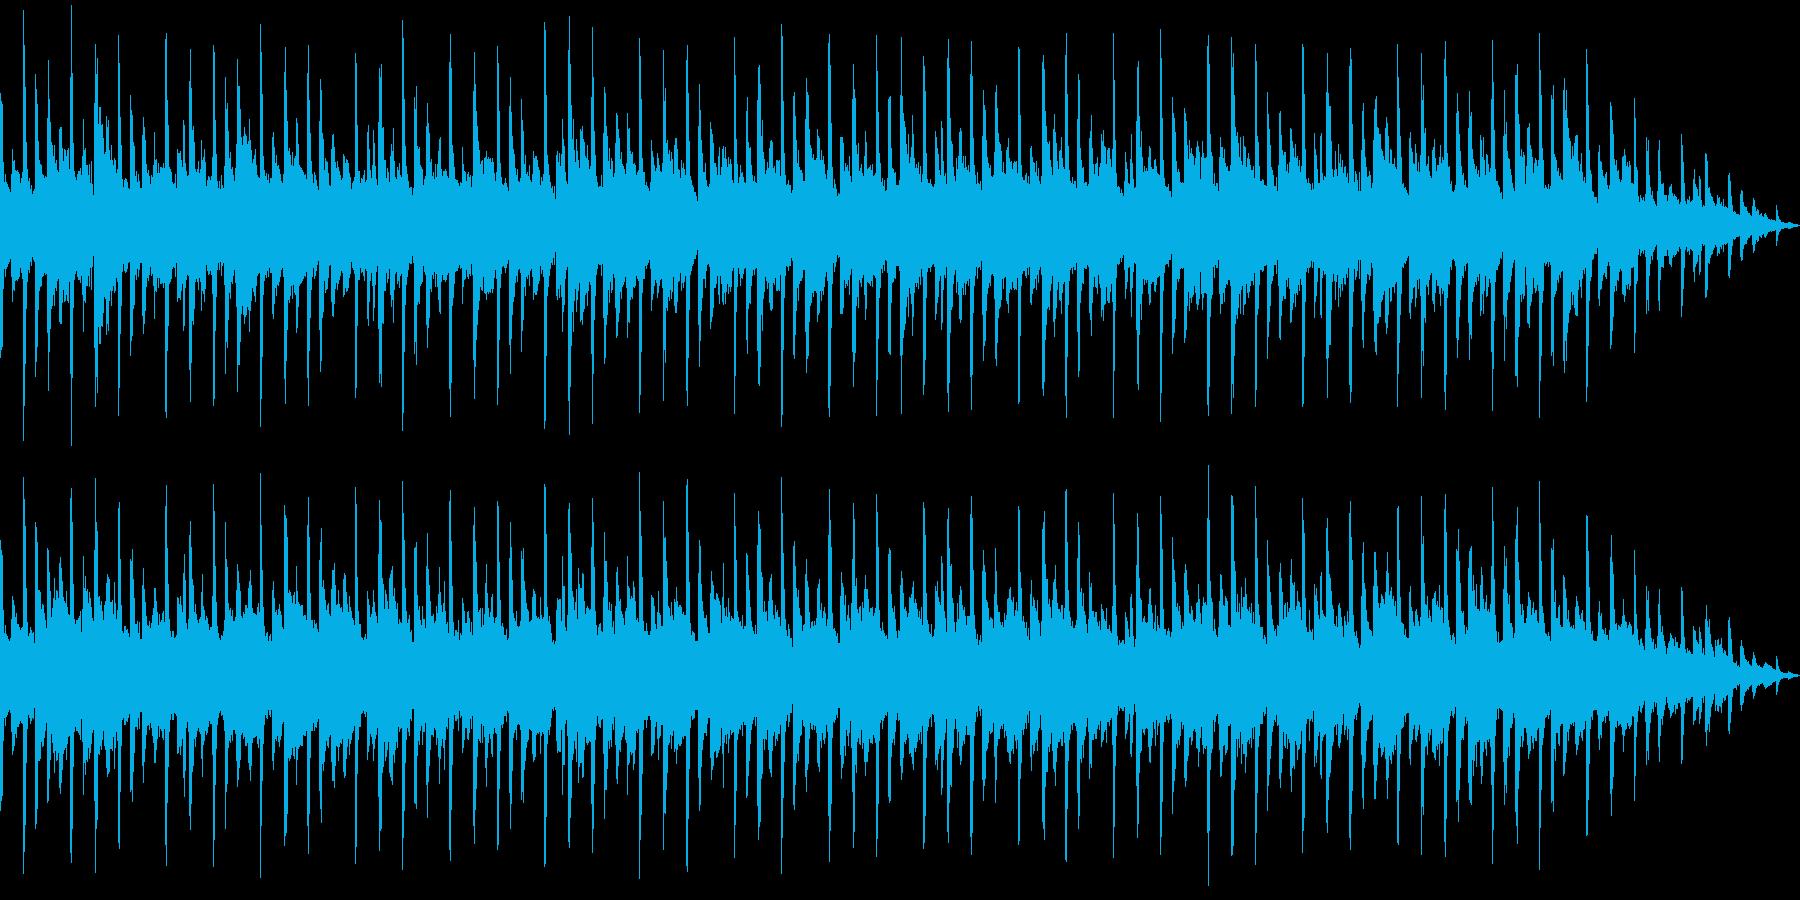 【主張しない背景音楽】ヒーリング3の再生済みの波形